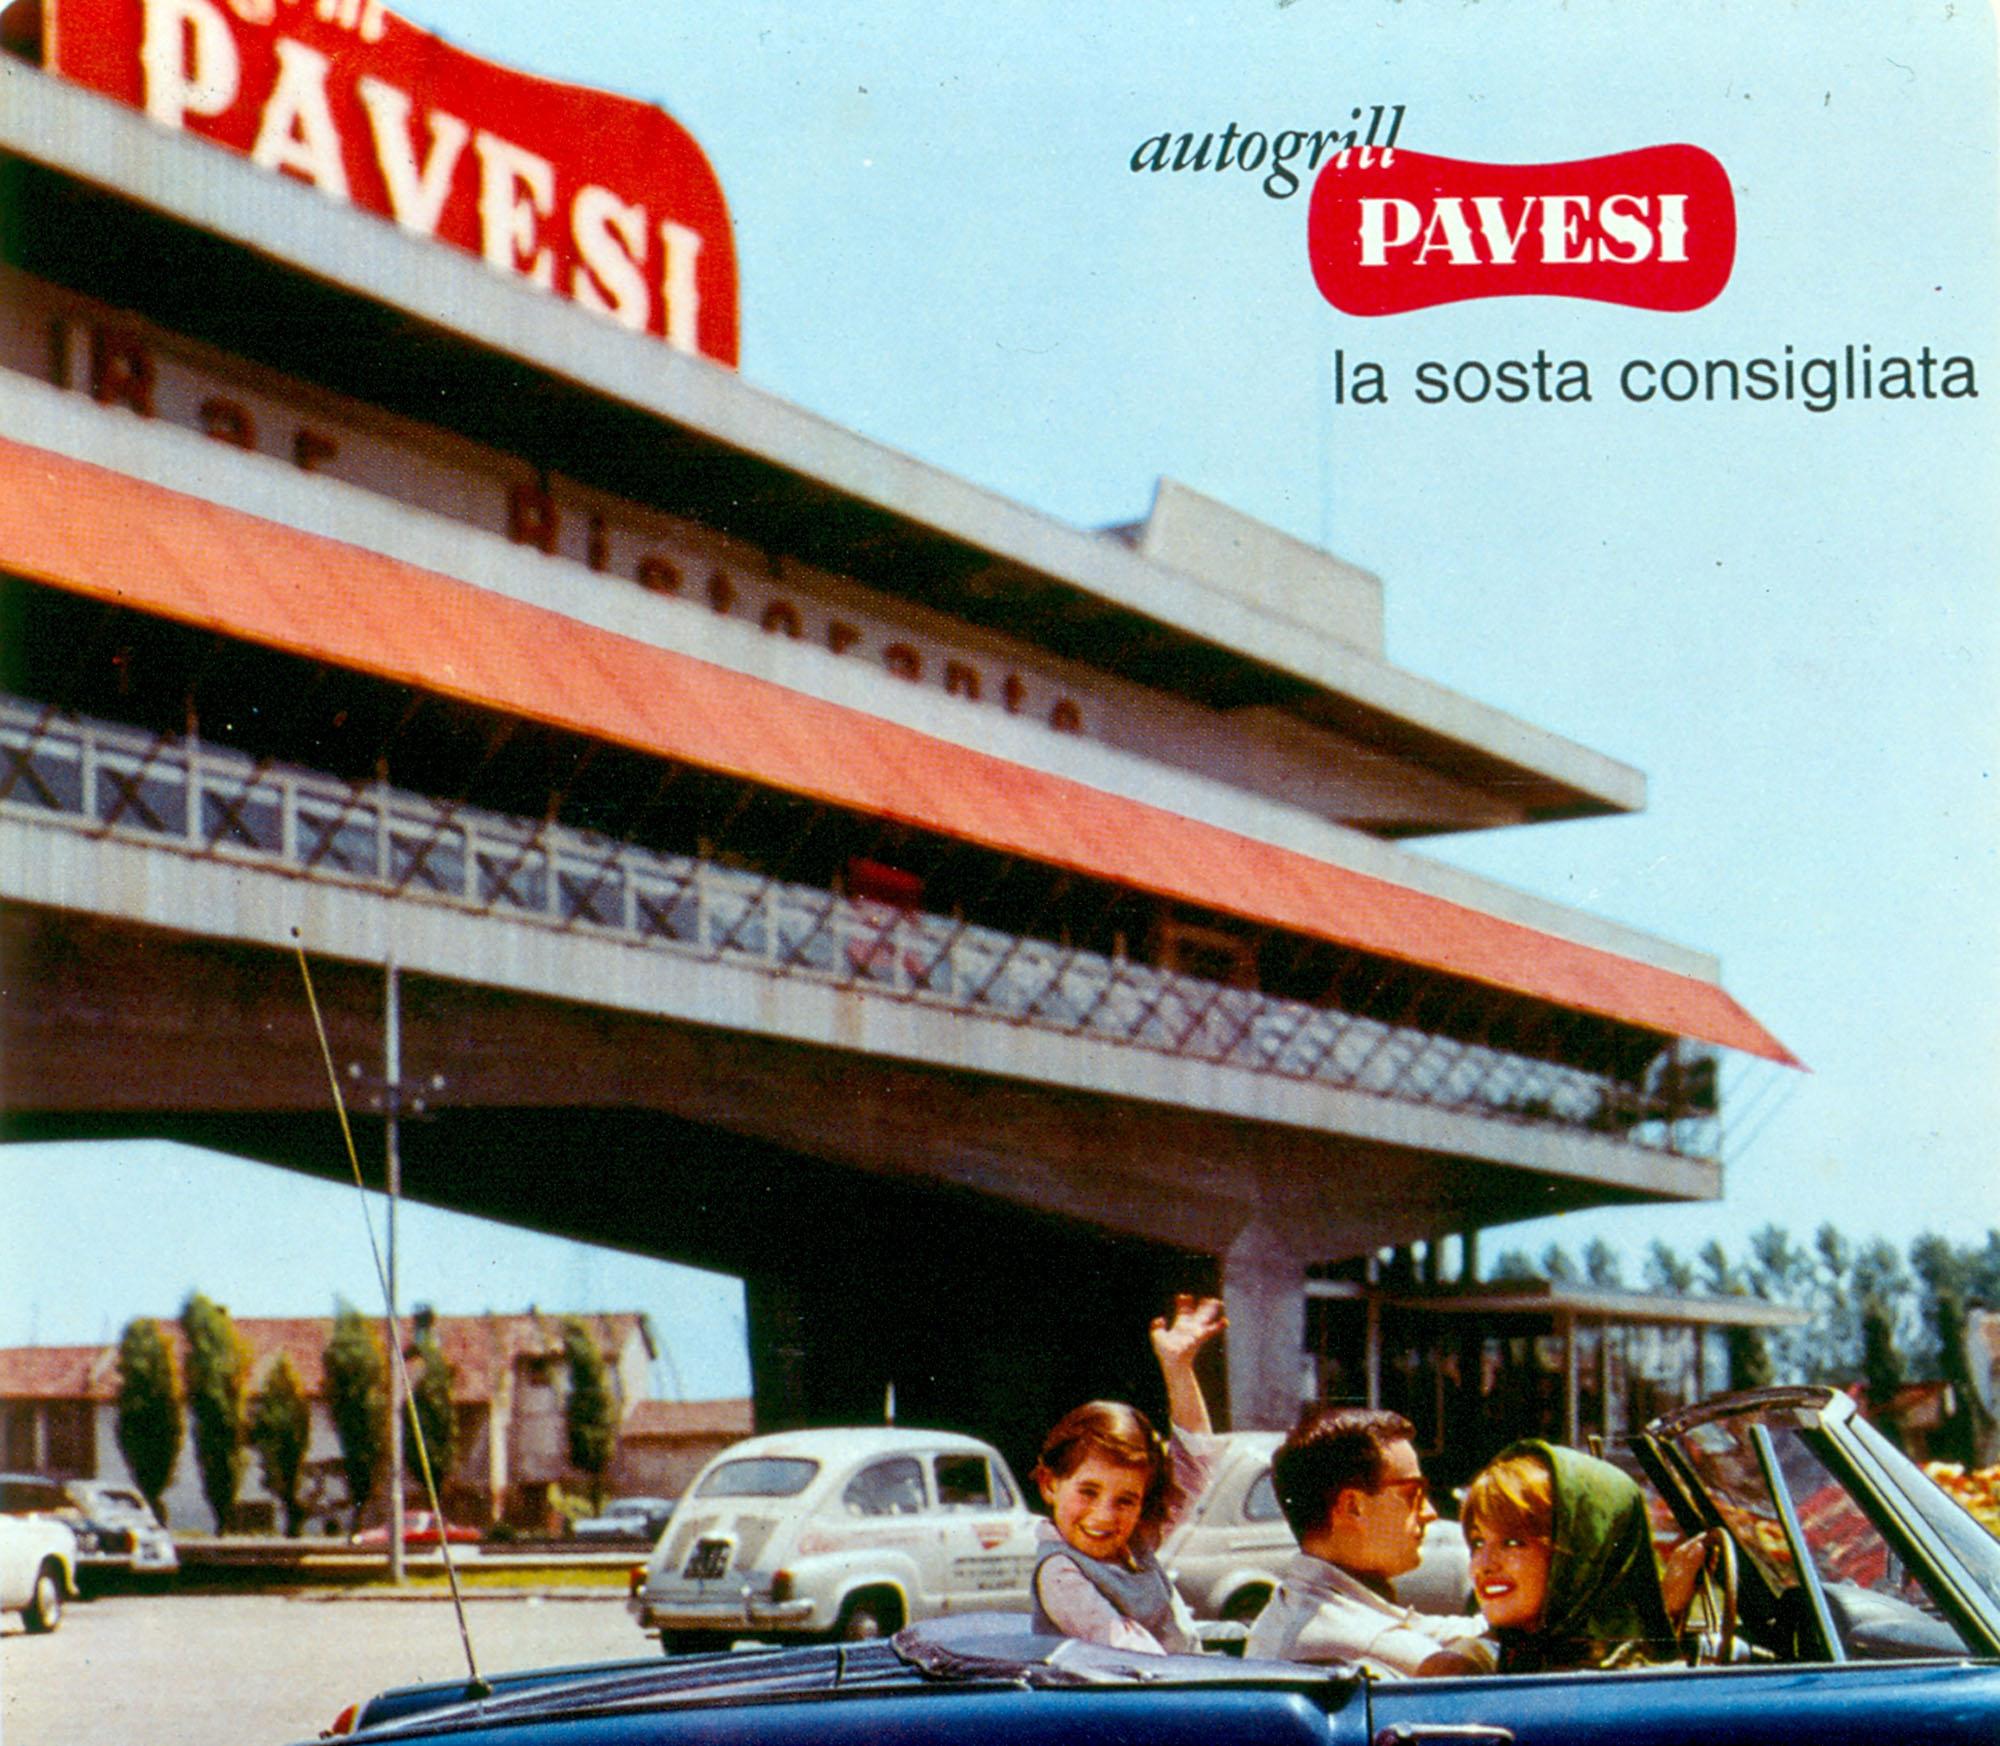 Pavesi Service Stations adv, 1962